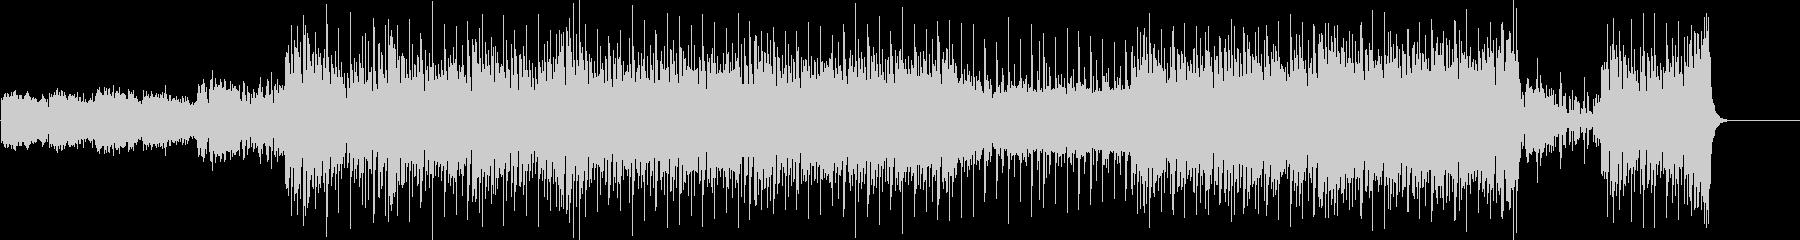 ジャジーなムードのトレンディー・サウンドの未再生の波形